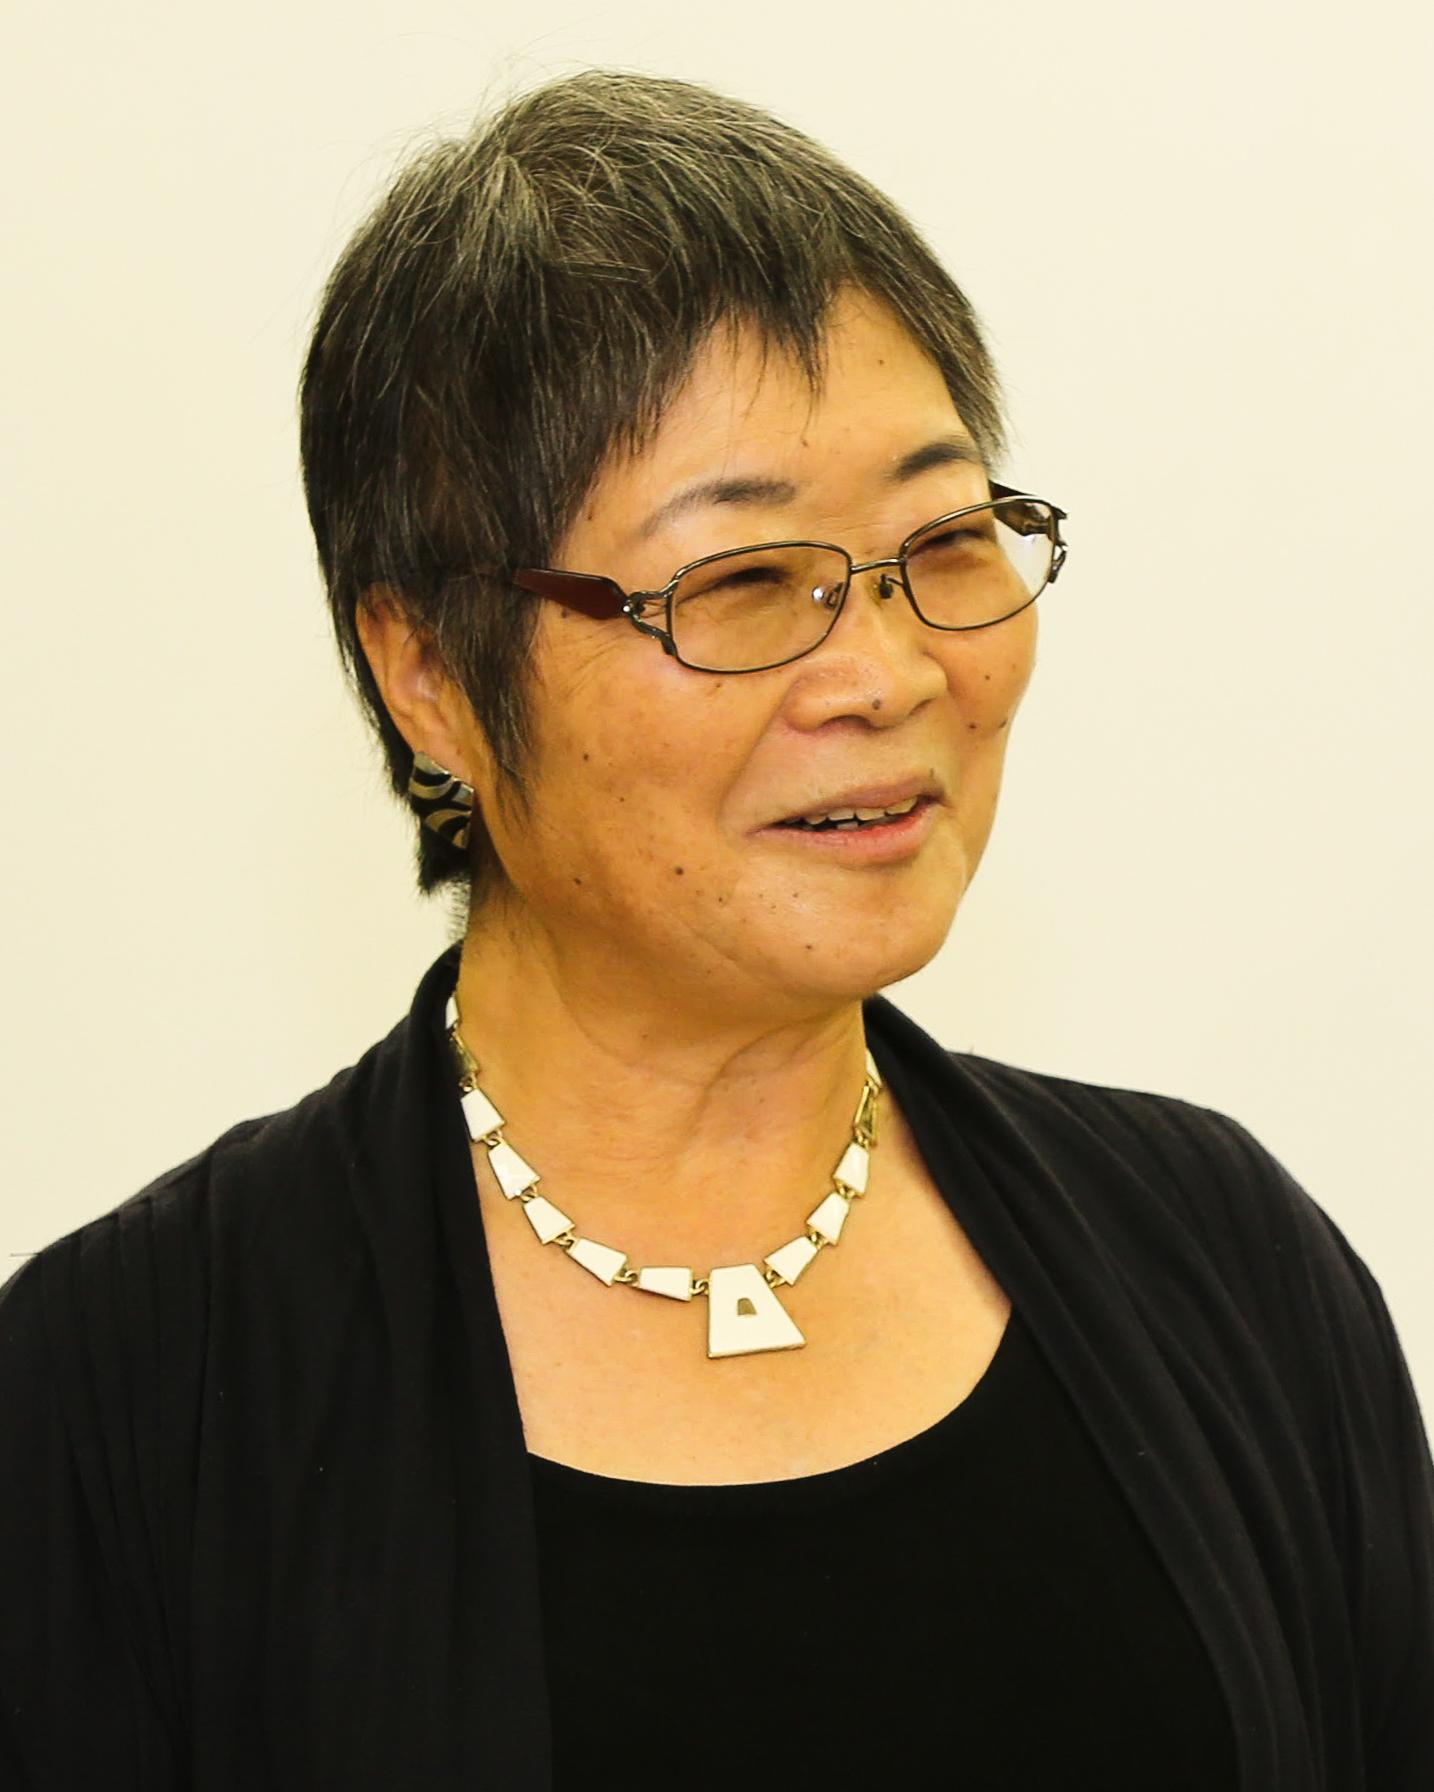 ハワード・カツヨ